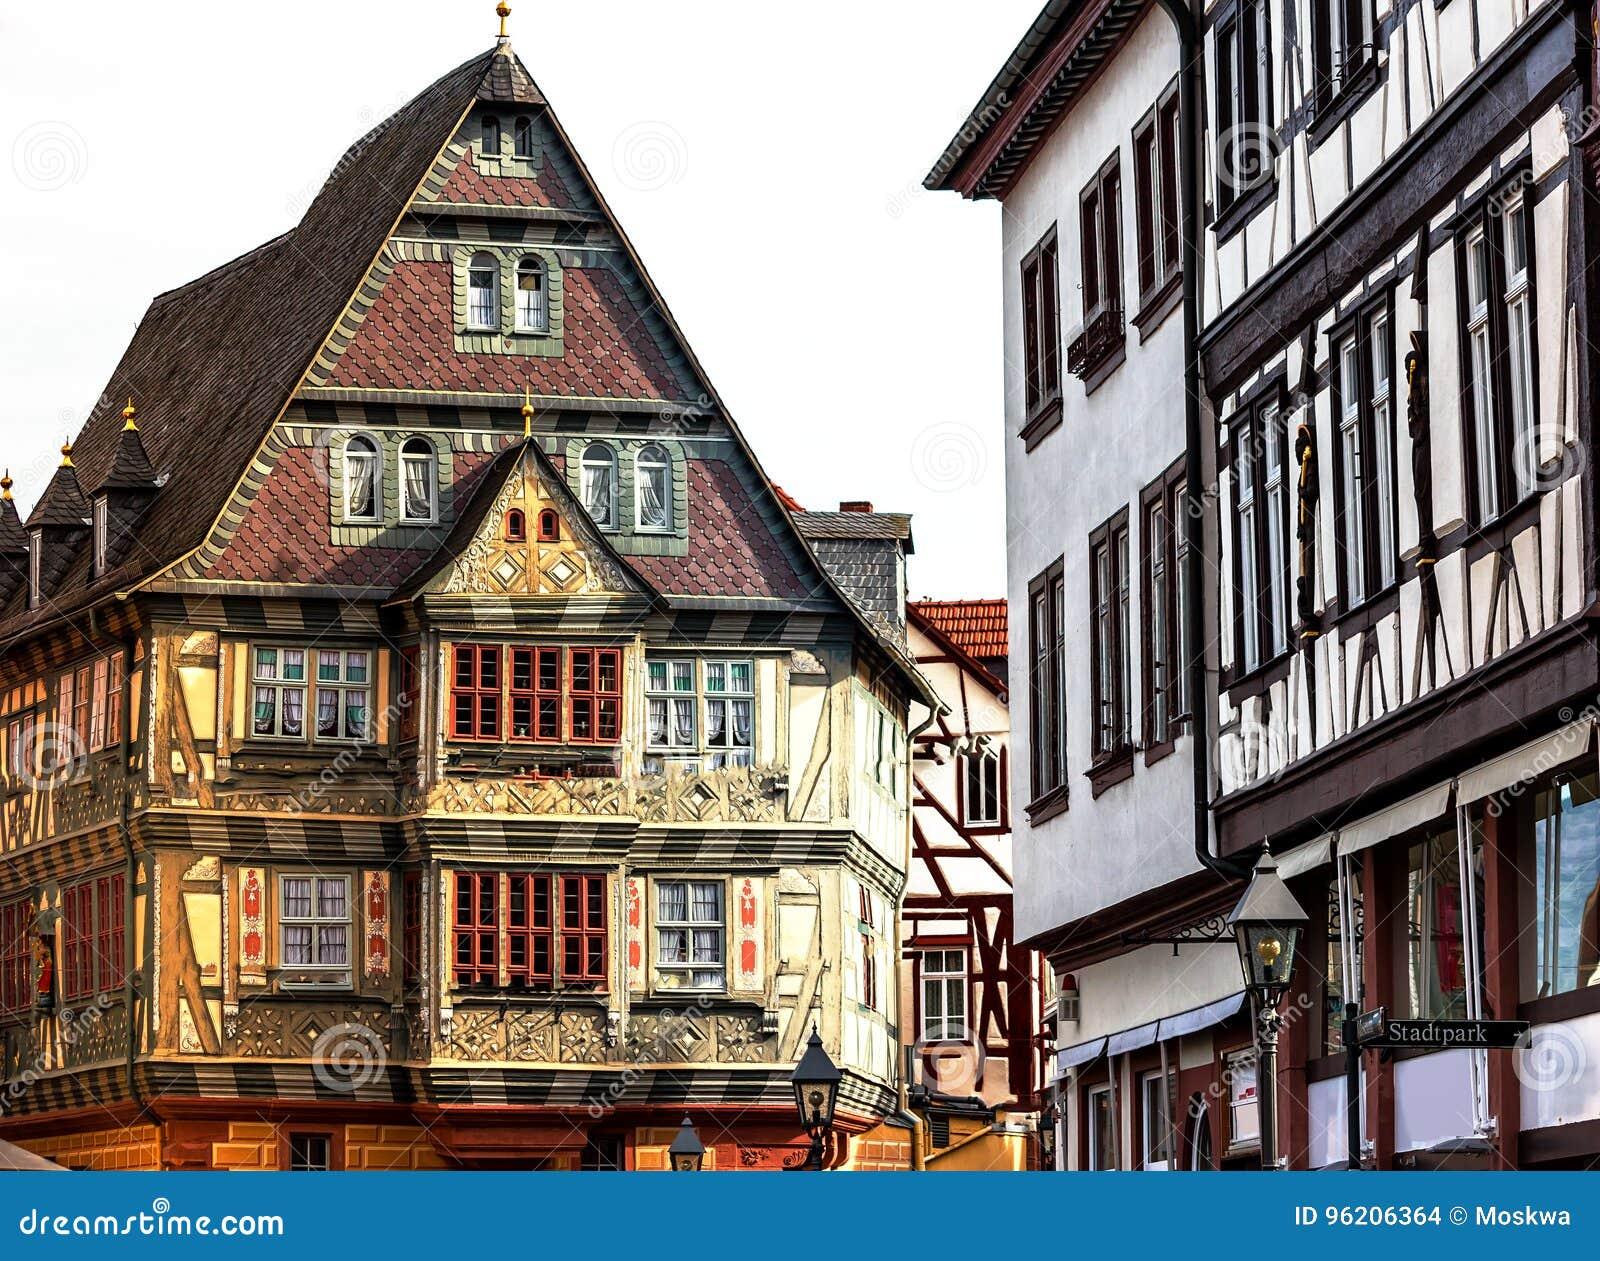 historische mittelalterliche h user in der alten stadt miltenberg deutschland stockfoto bild. Black Bedroom Furniture Sets. Home Design Ideas